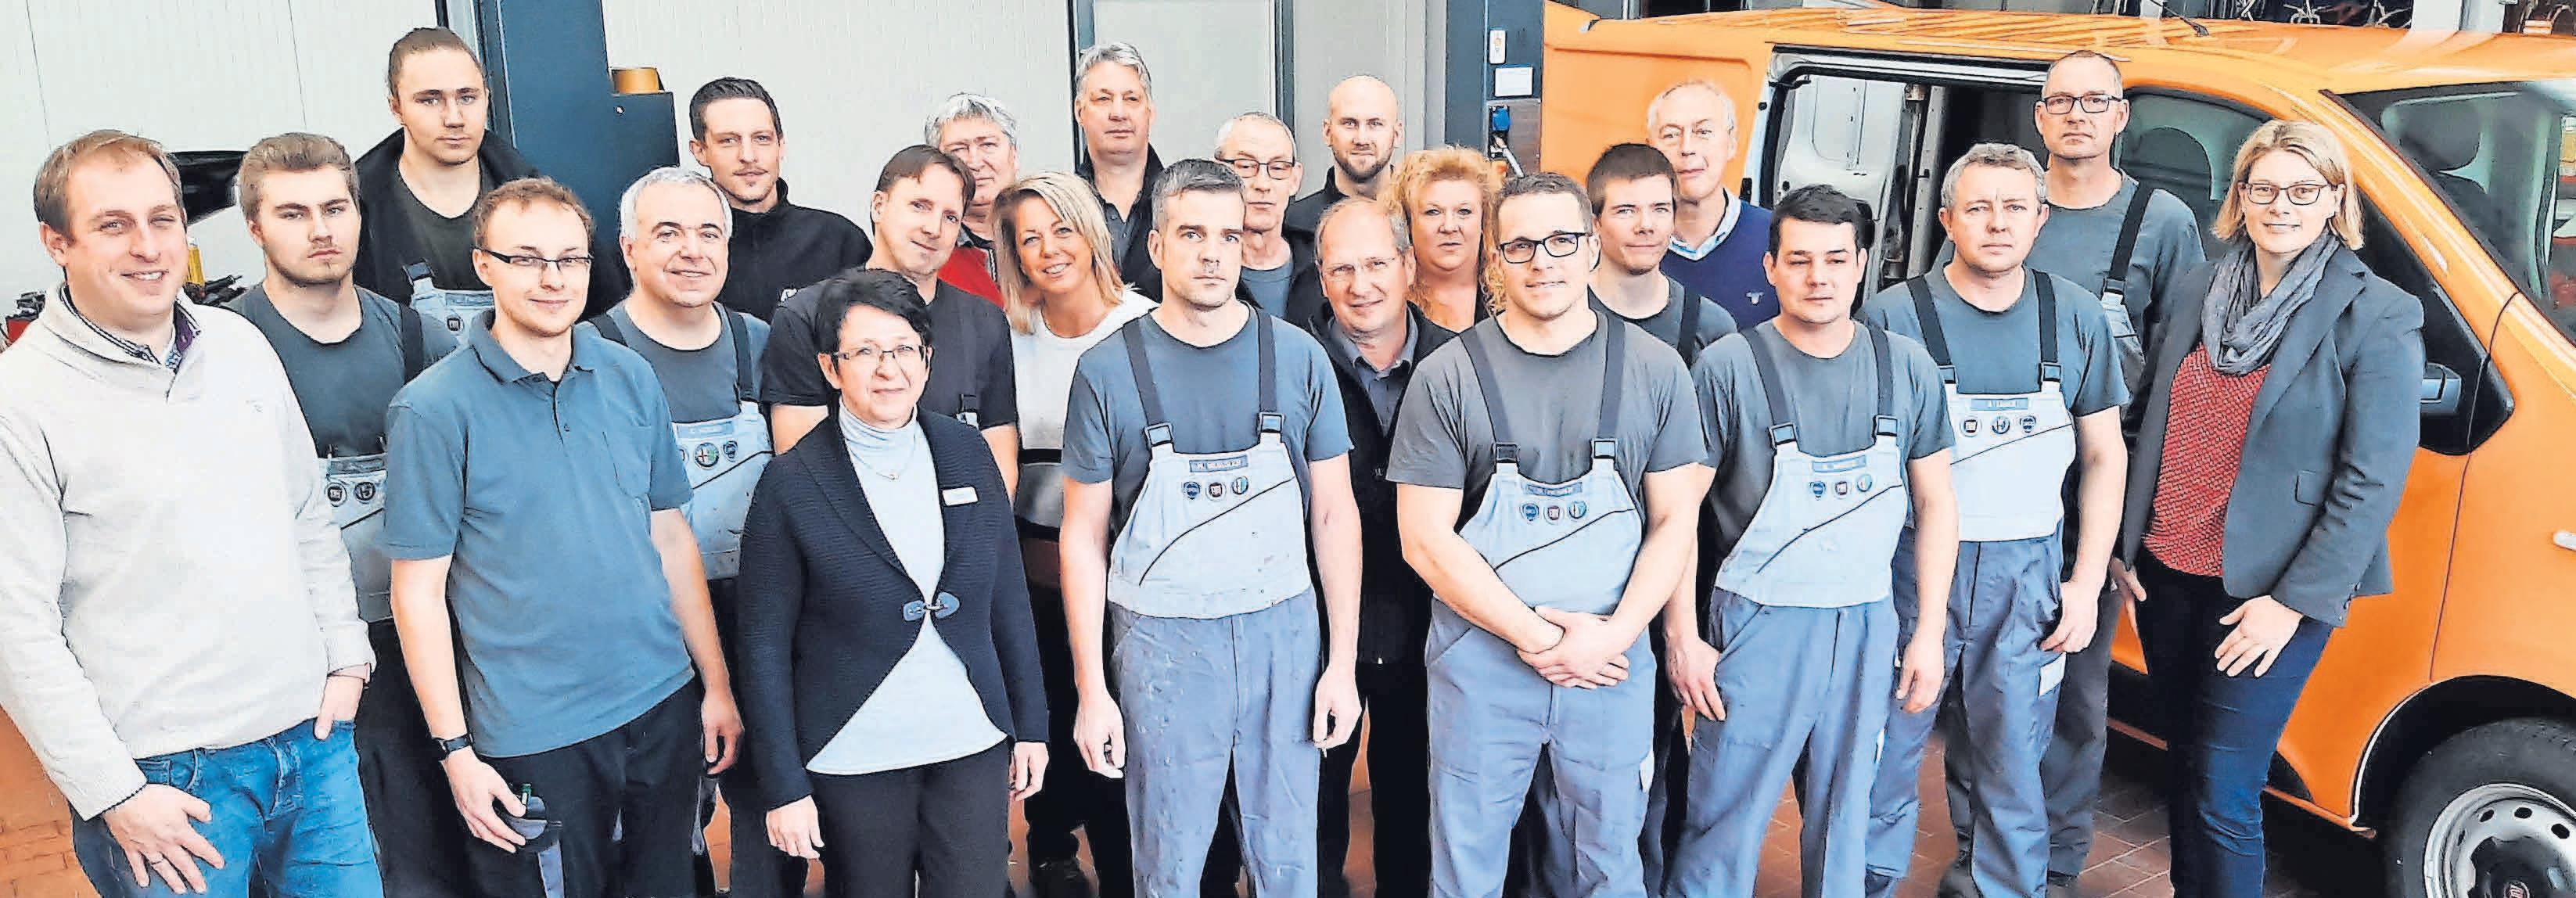 Das Team vom Autohaus Sellmann gehört zu den besten Deutschlands.